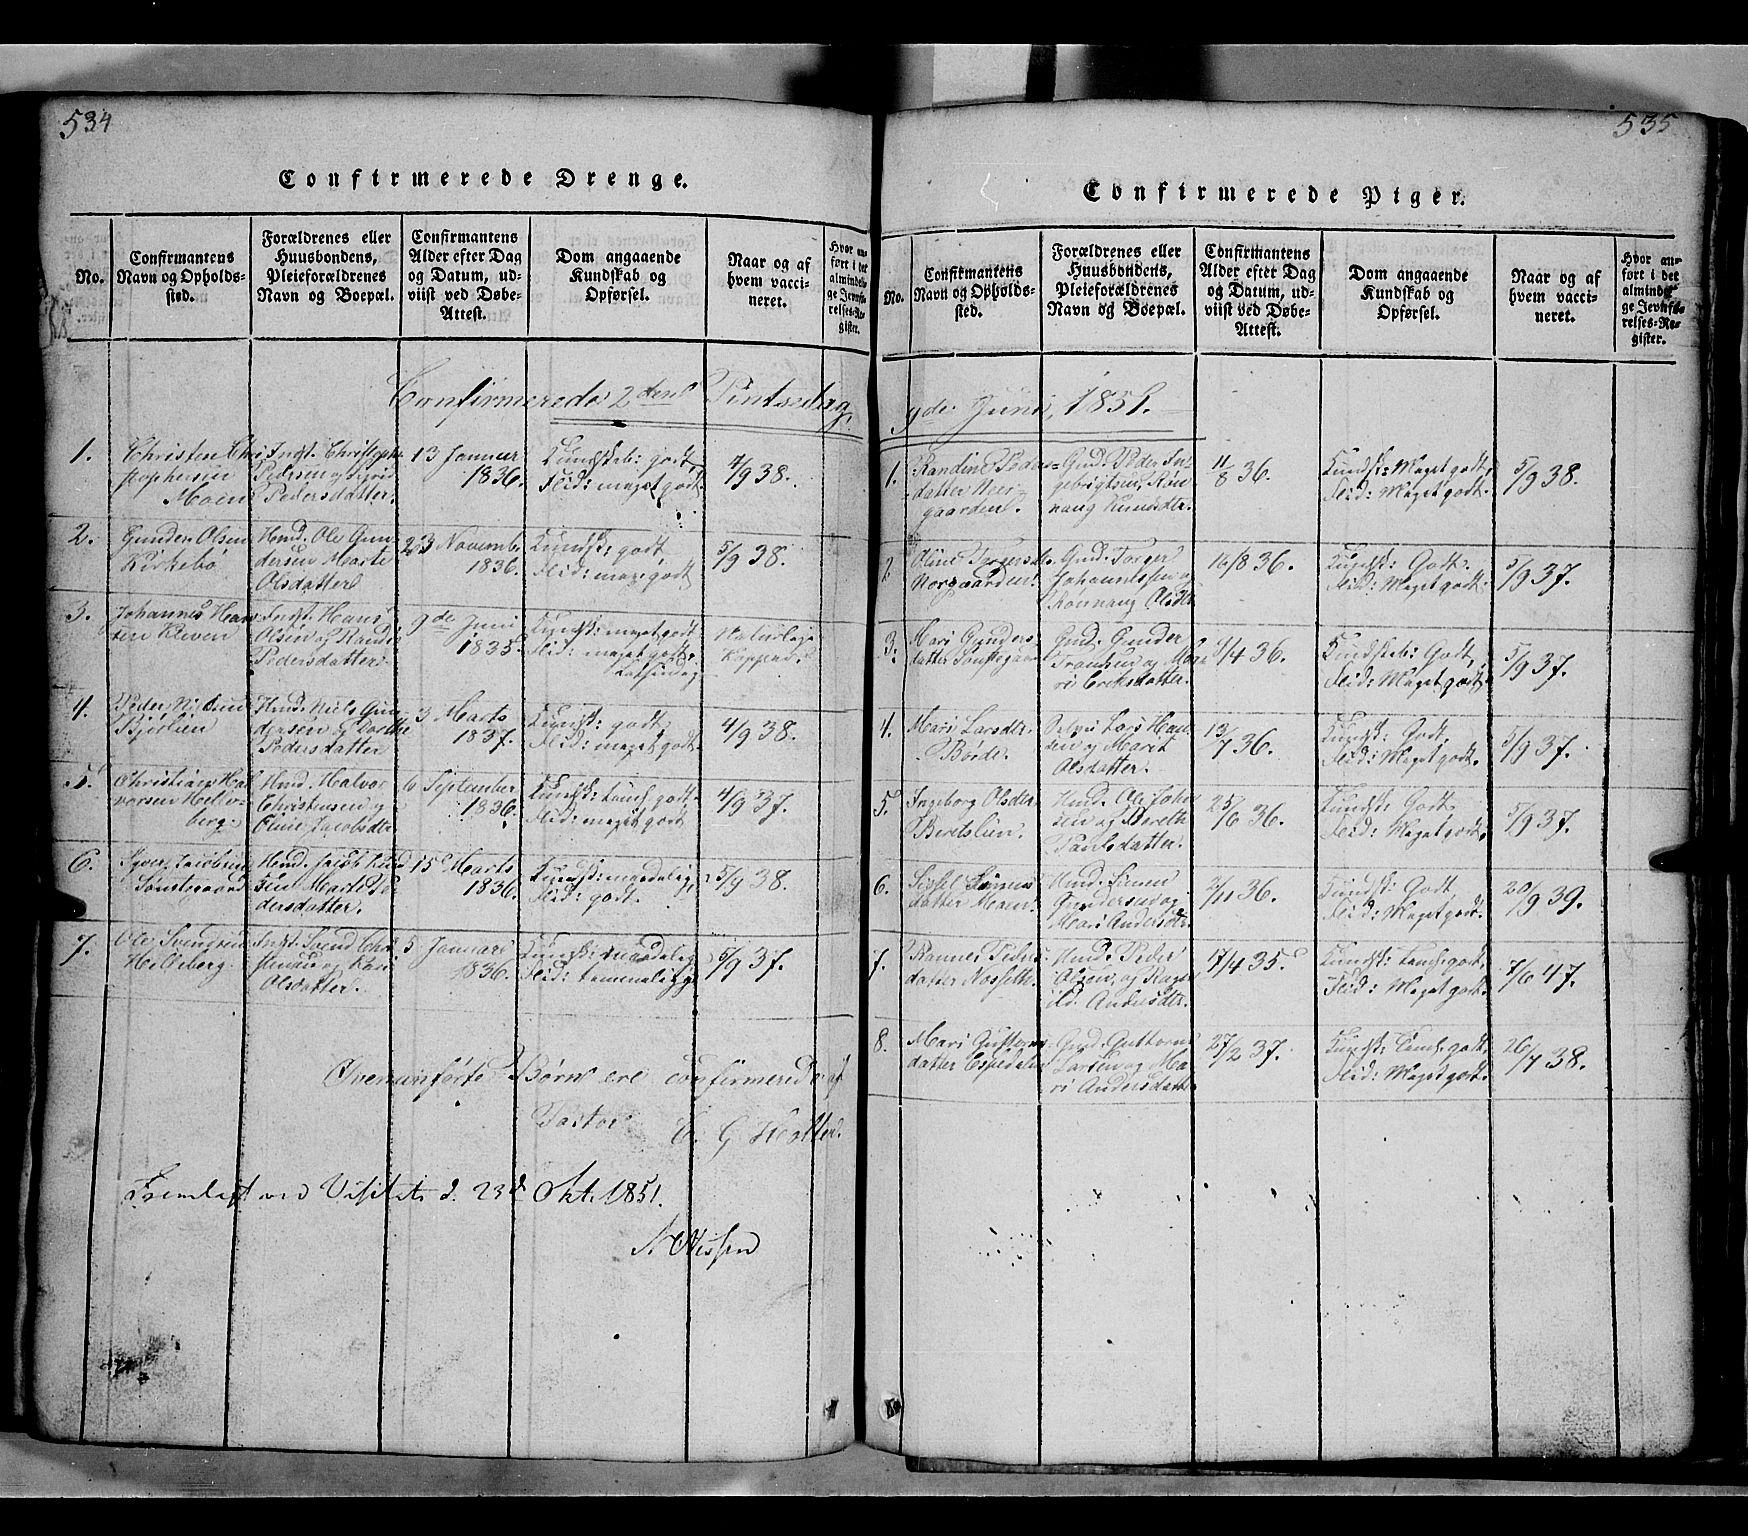 SAH, Gausdal prestekontor, Klokkerbok nr. 2, 1818-1874, s. 534-535